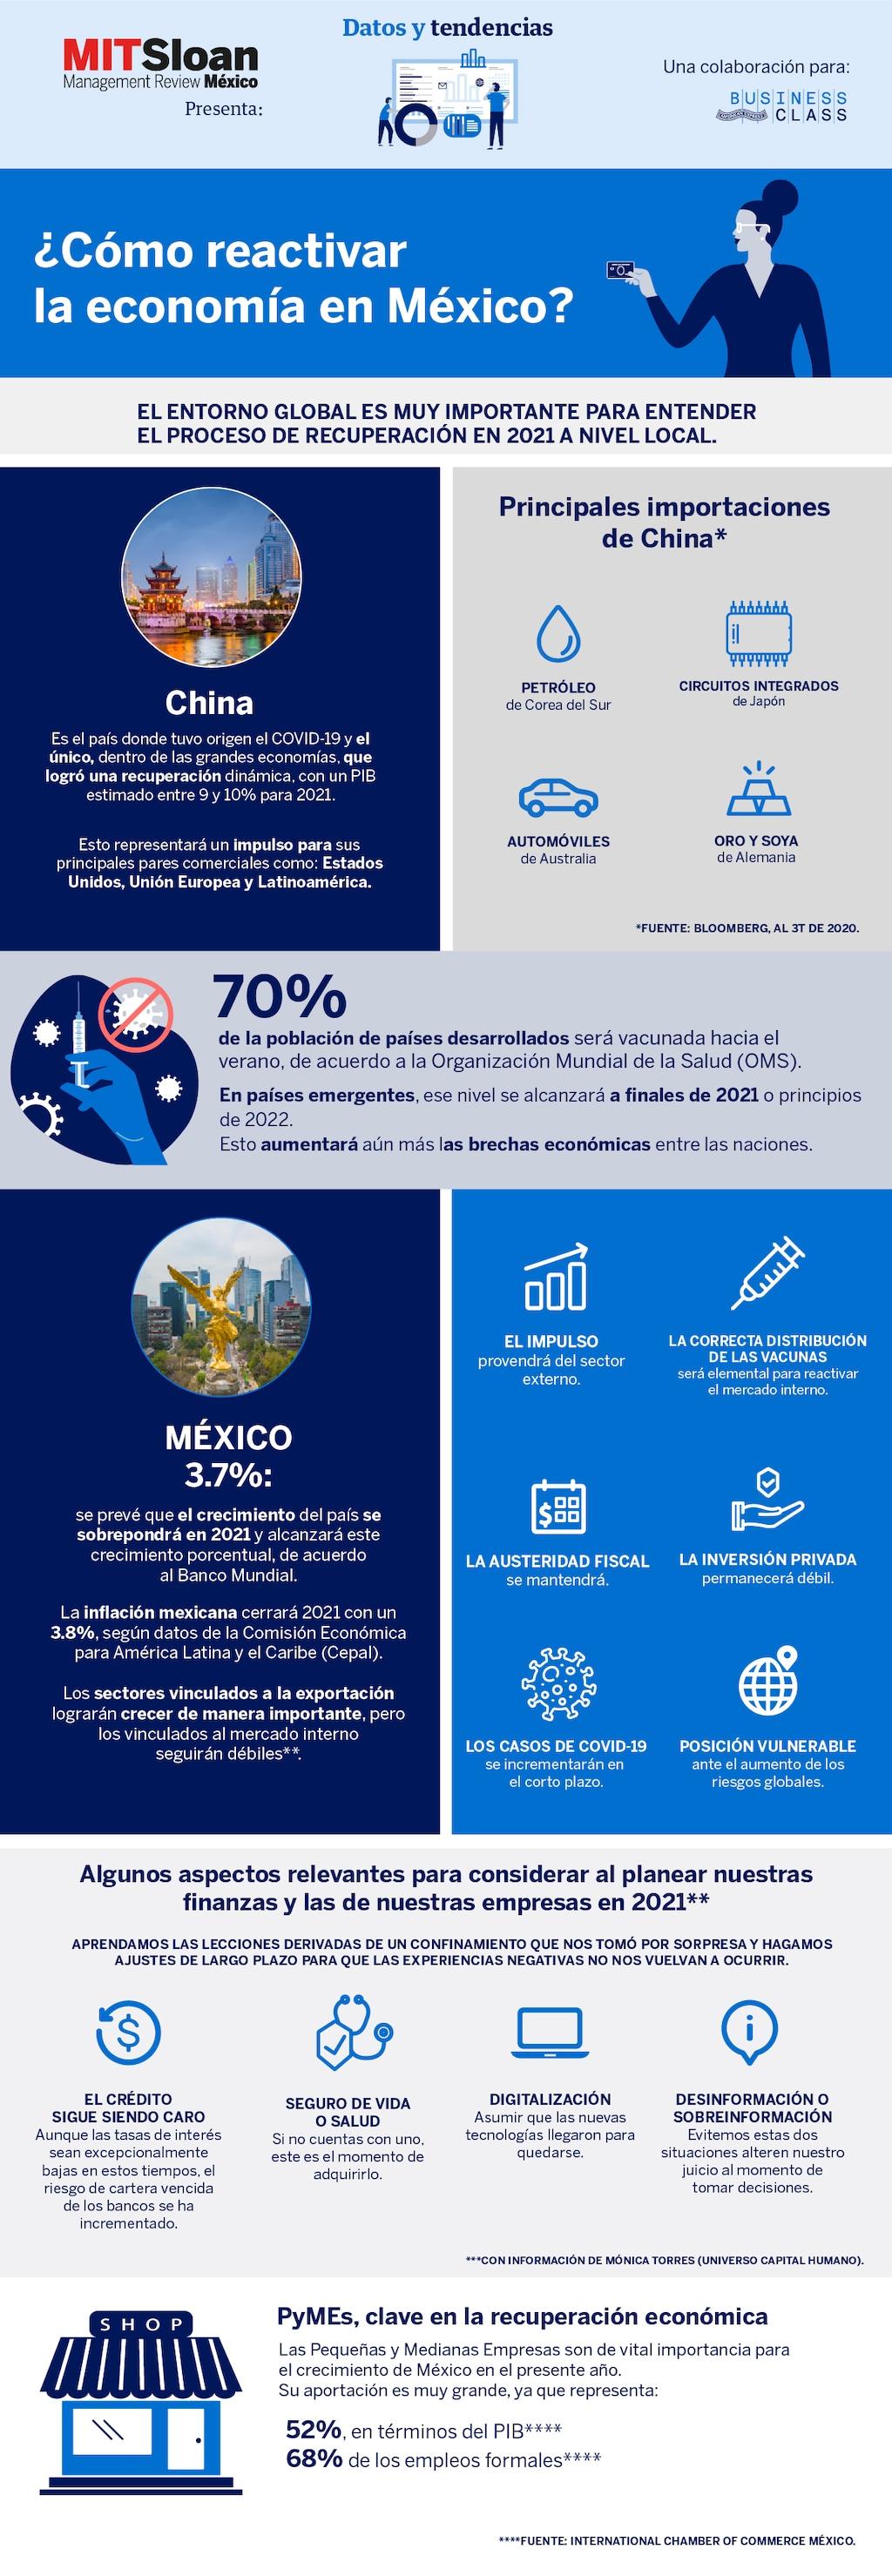 ¿Cómo reactivar la economía en México?